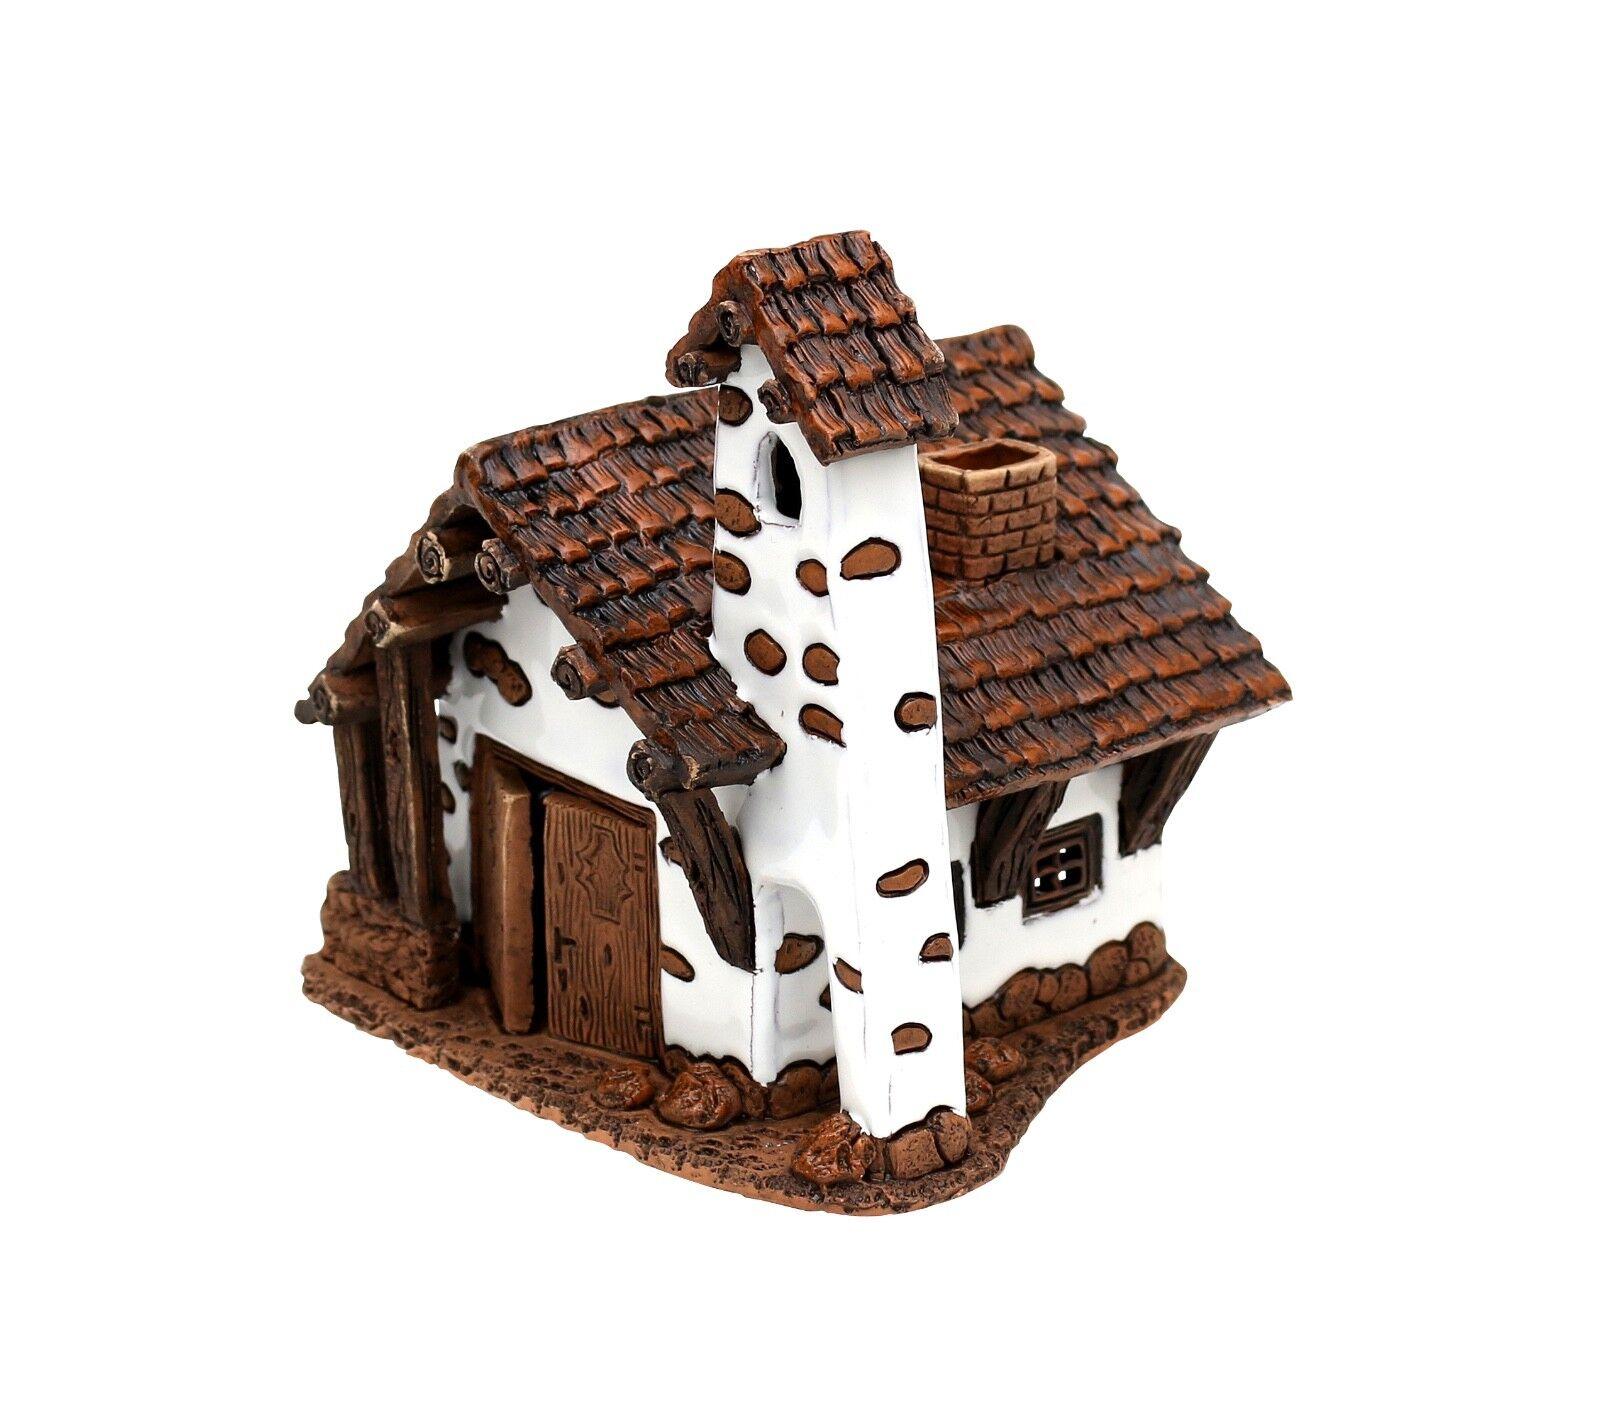 Keramik Teelichthaus Teelichthaus Teelichthaus Lichterhaus Teelichthalter Hütte Passo falzarego 11cm 40564  | München Online Shop  d20c67